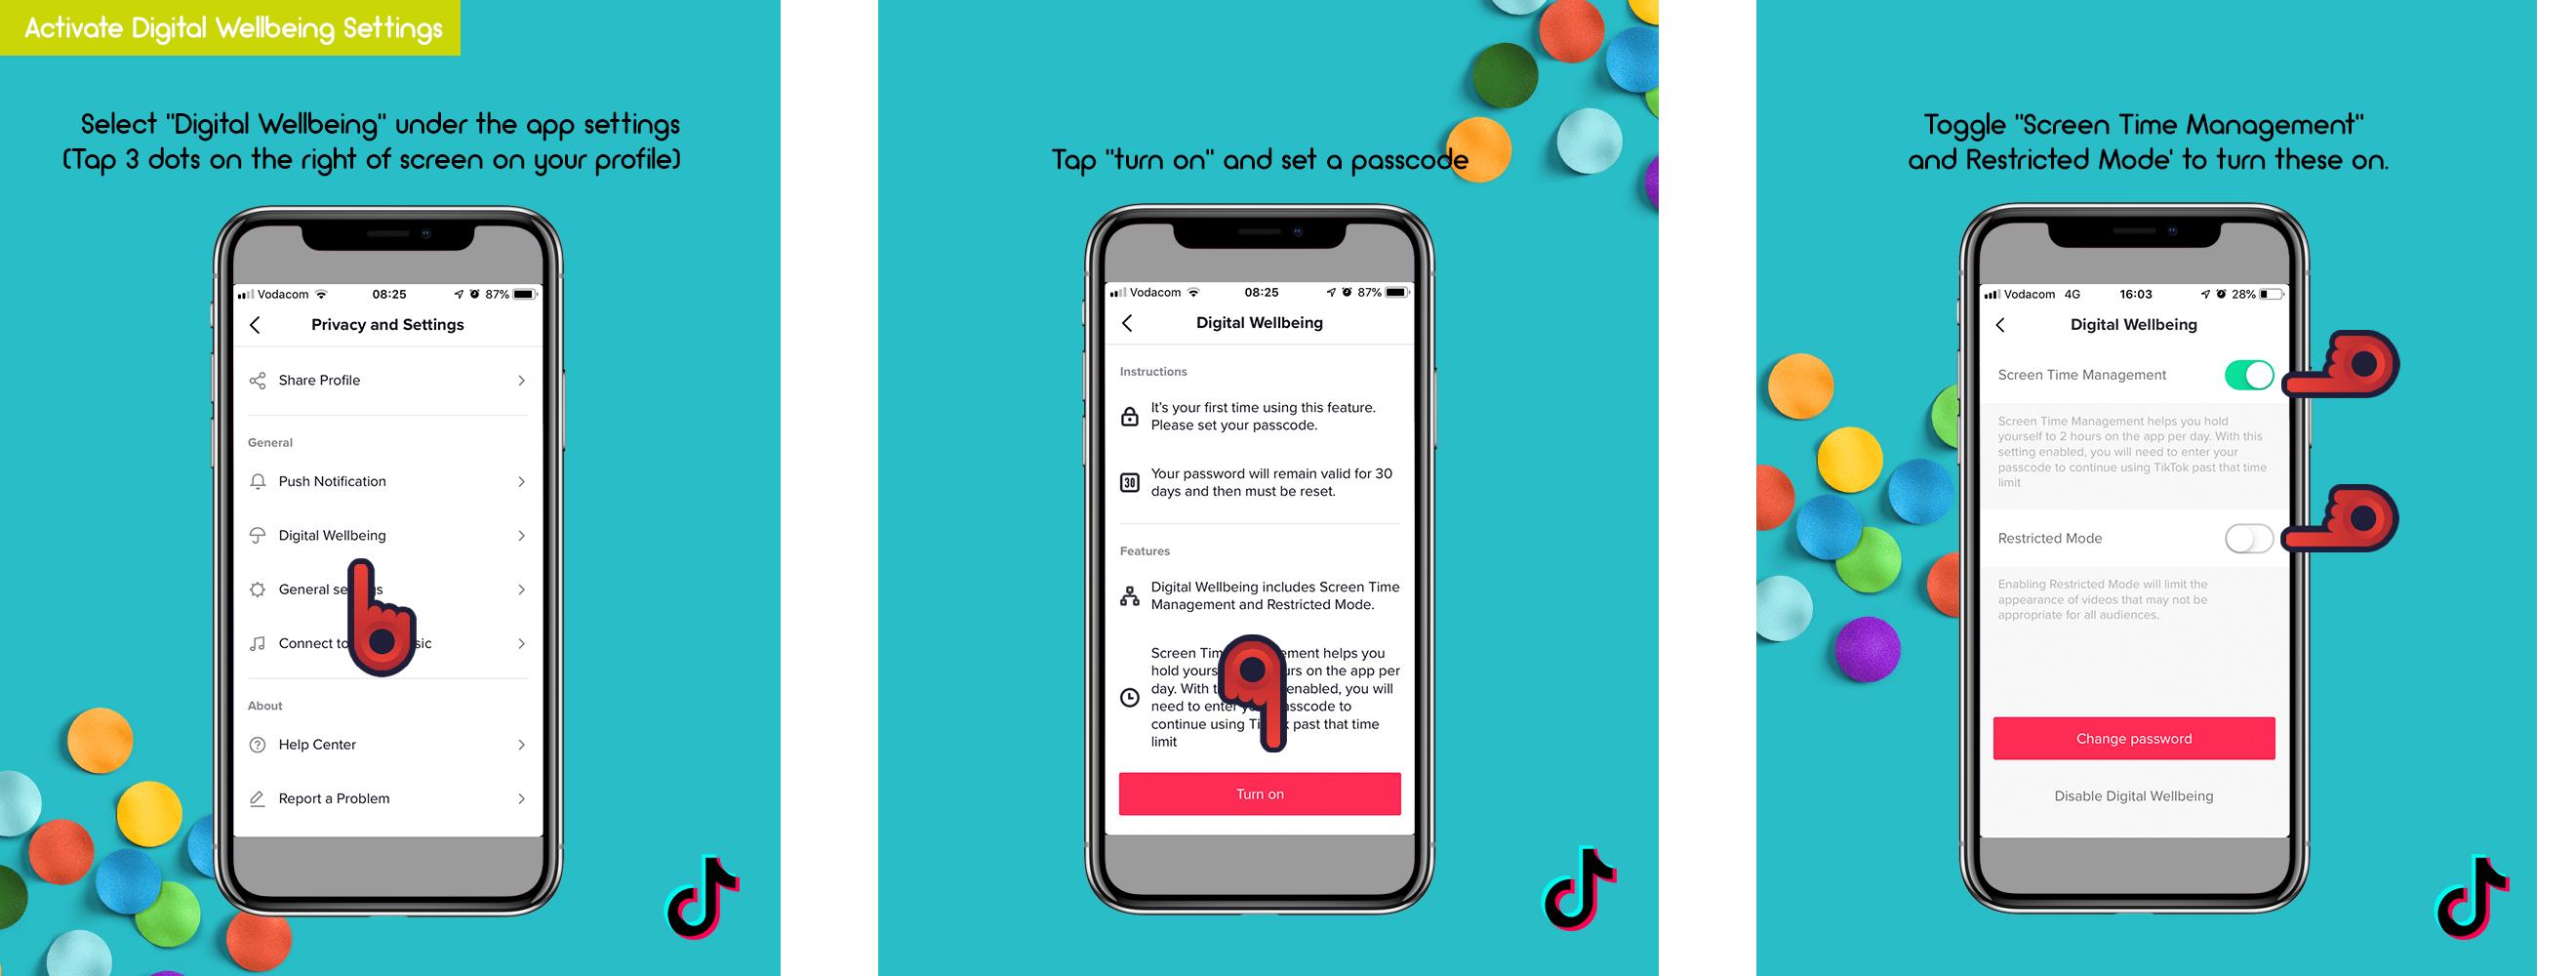 TikTok parent company confirms plans for a smartphone ...  |Tiktok Developer Mode Pixel